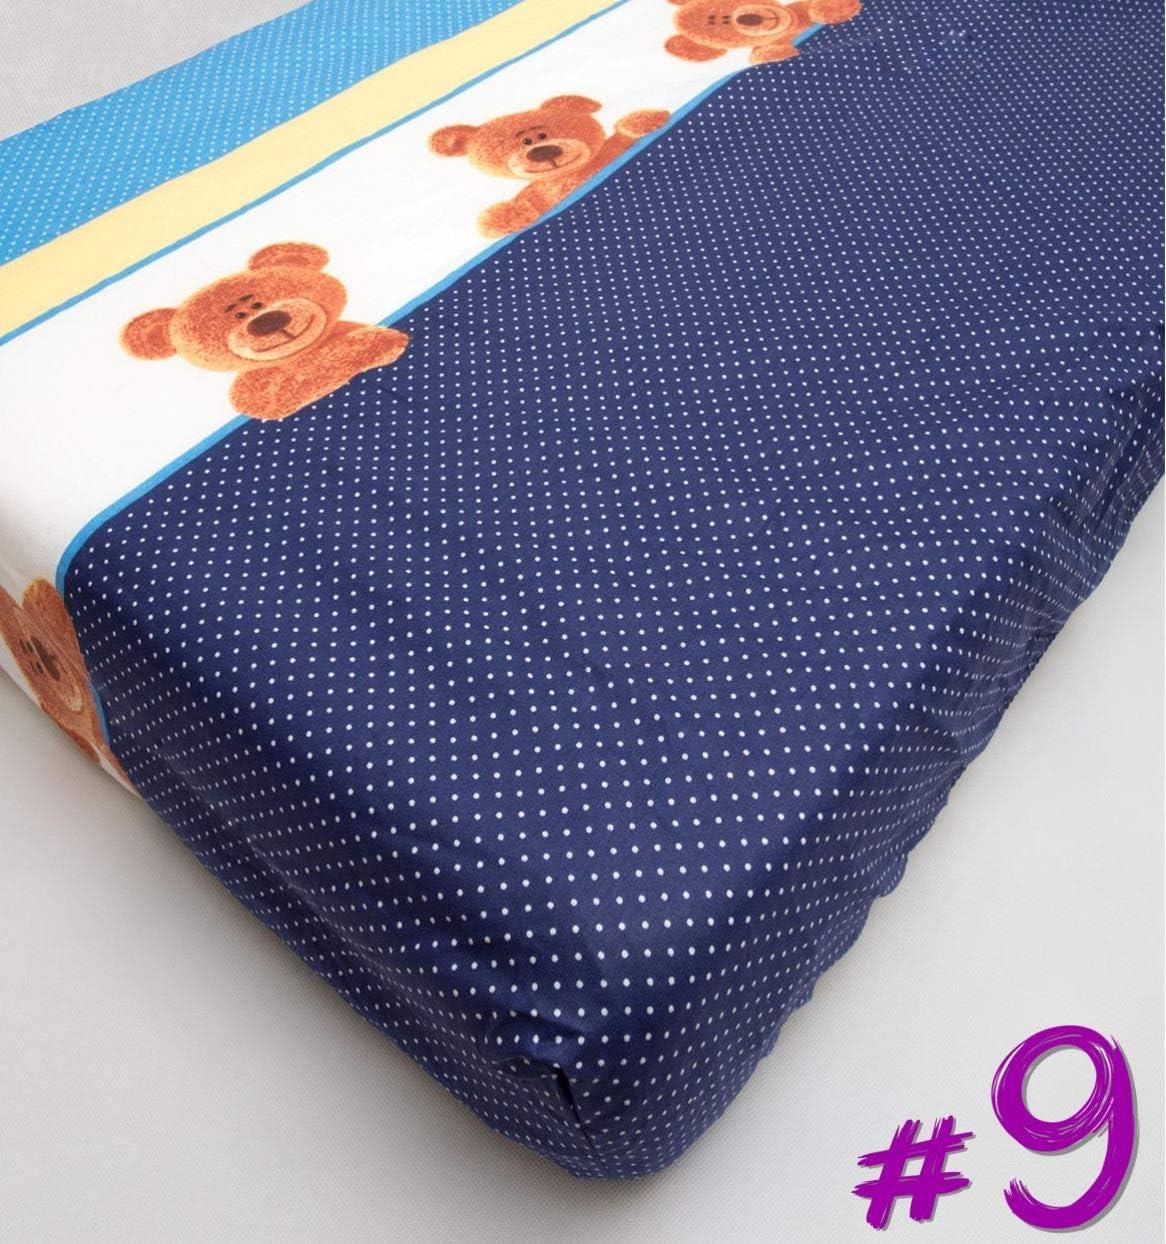 S/ábana ajustable de algod/ón para cama de cuna 120 x 60 Modelo 11